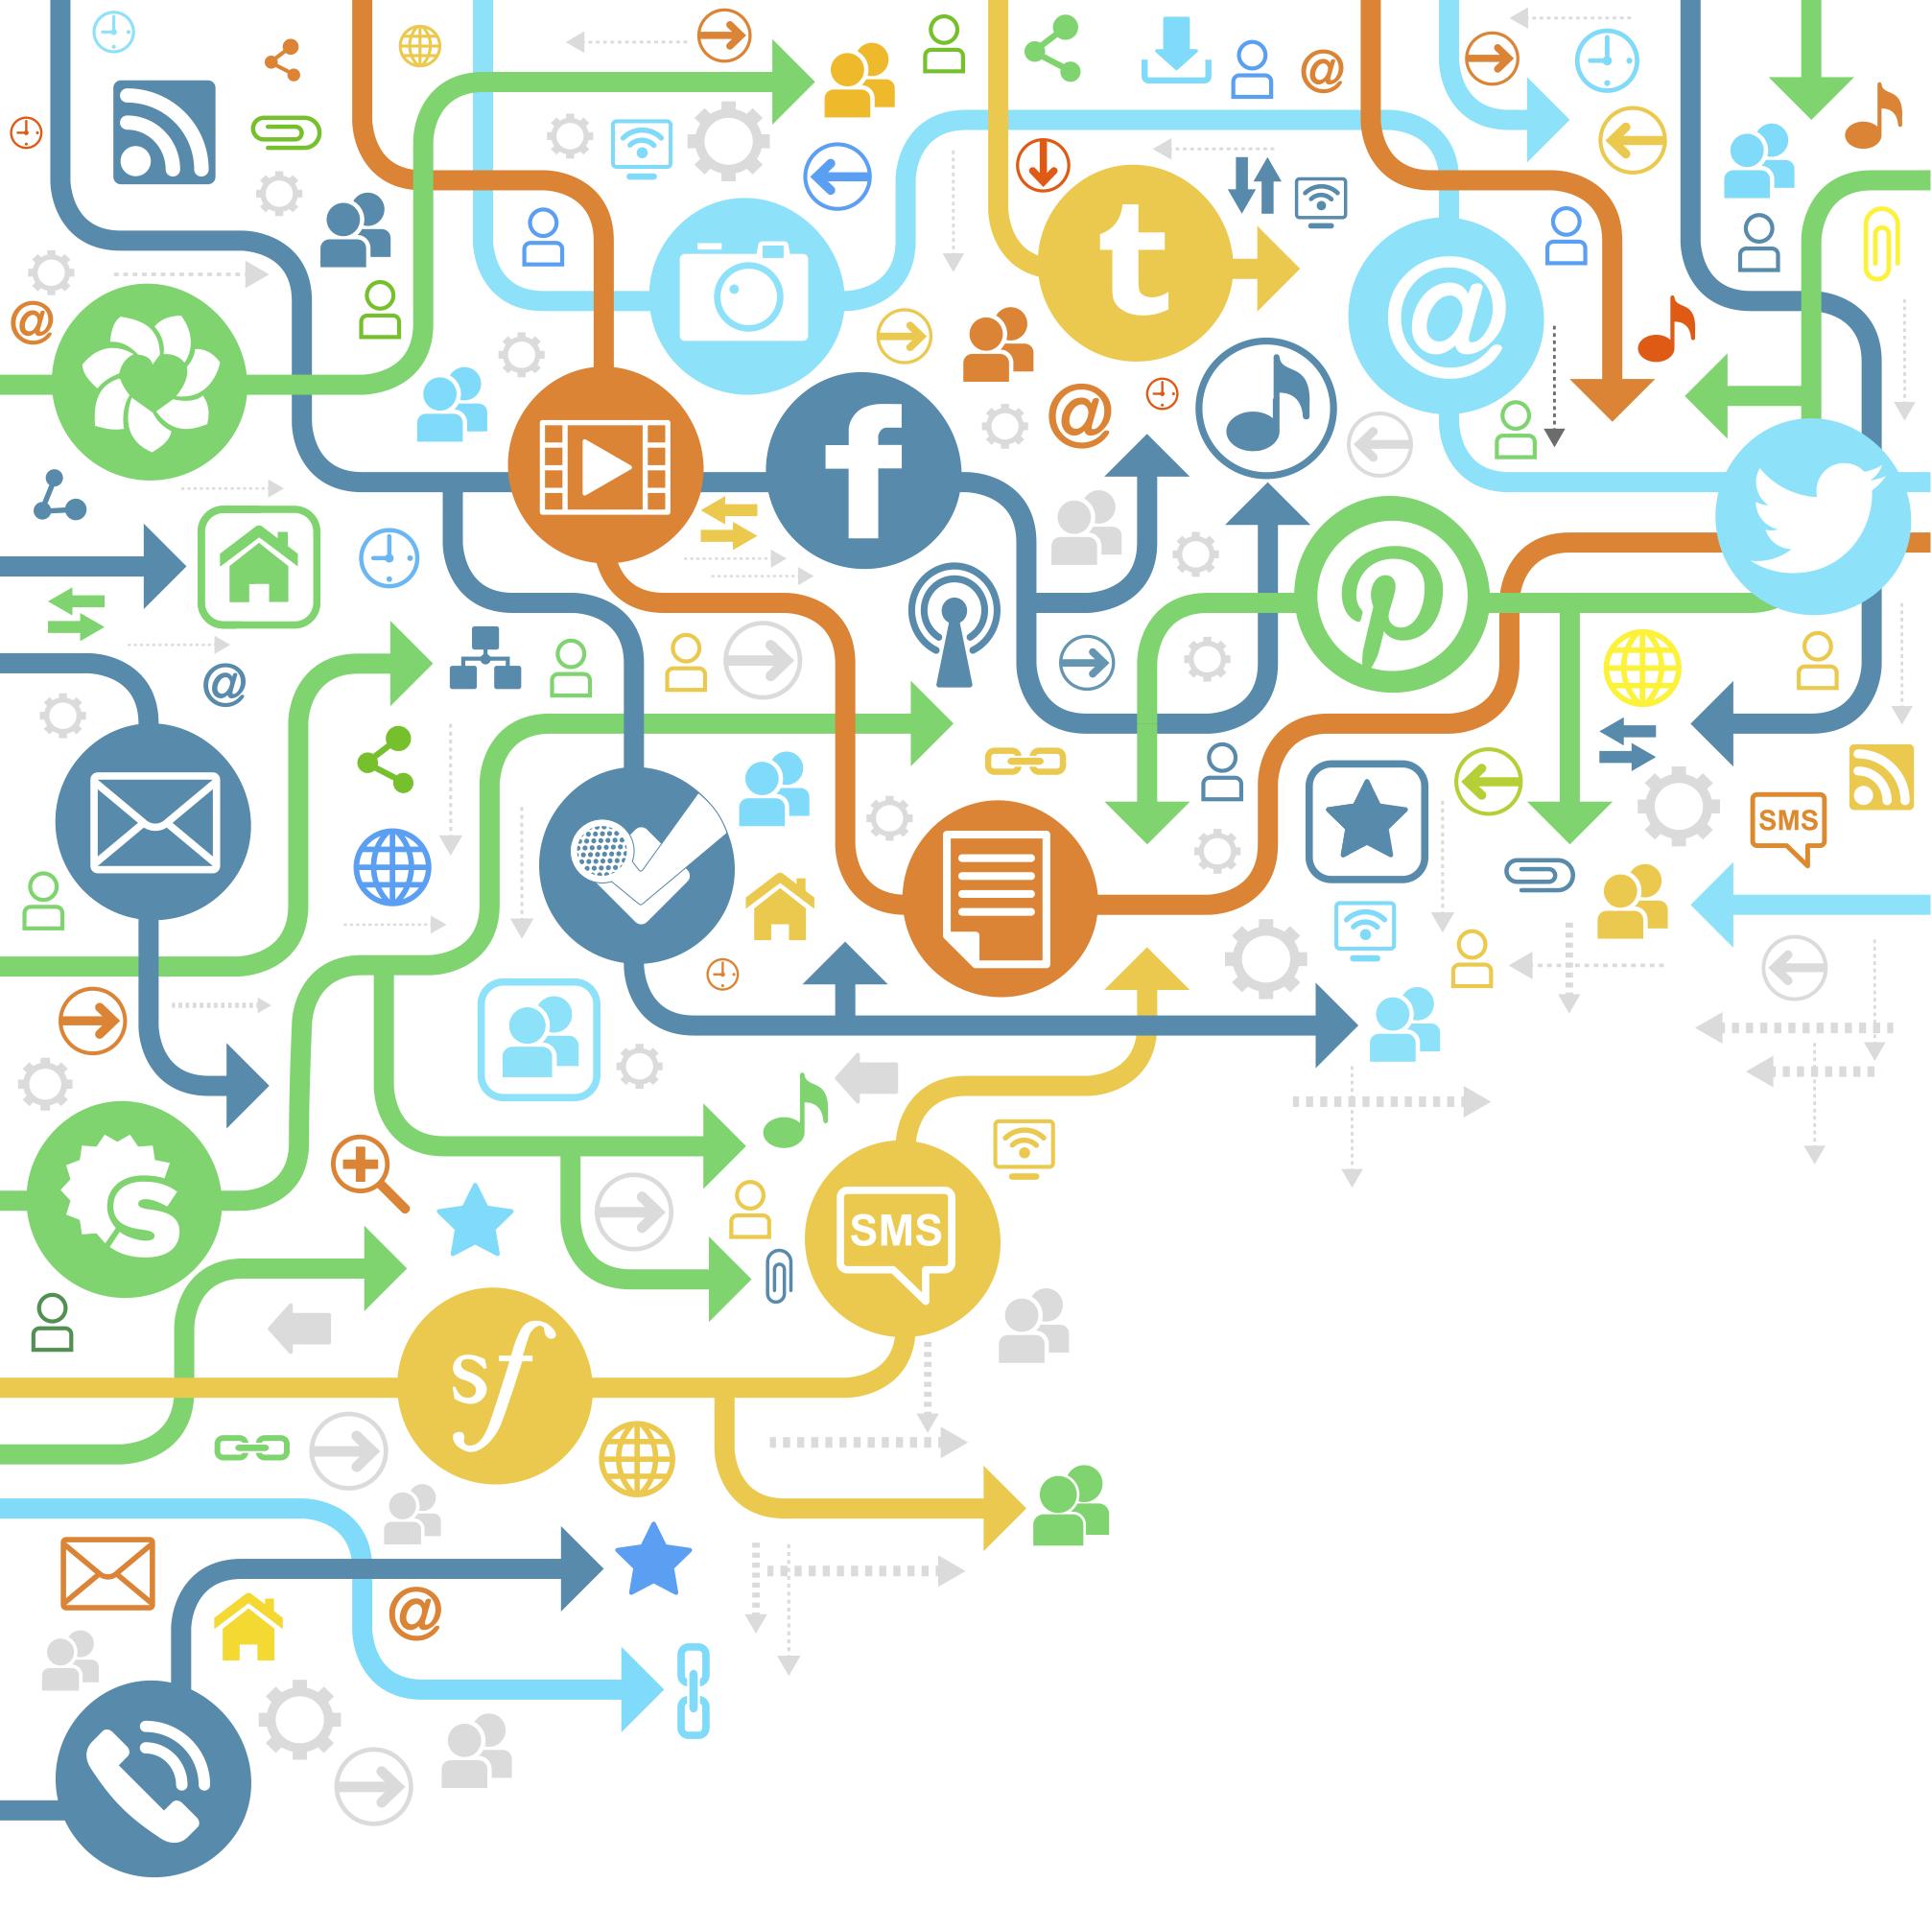 Big data collected through social media